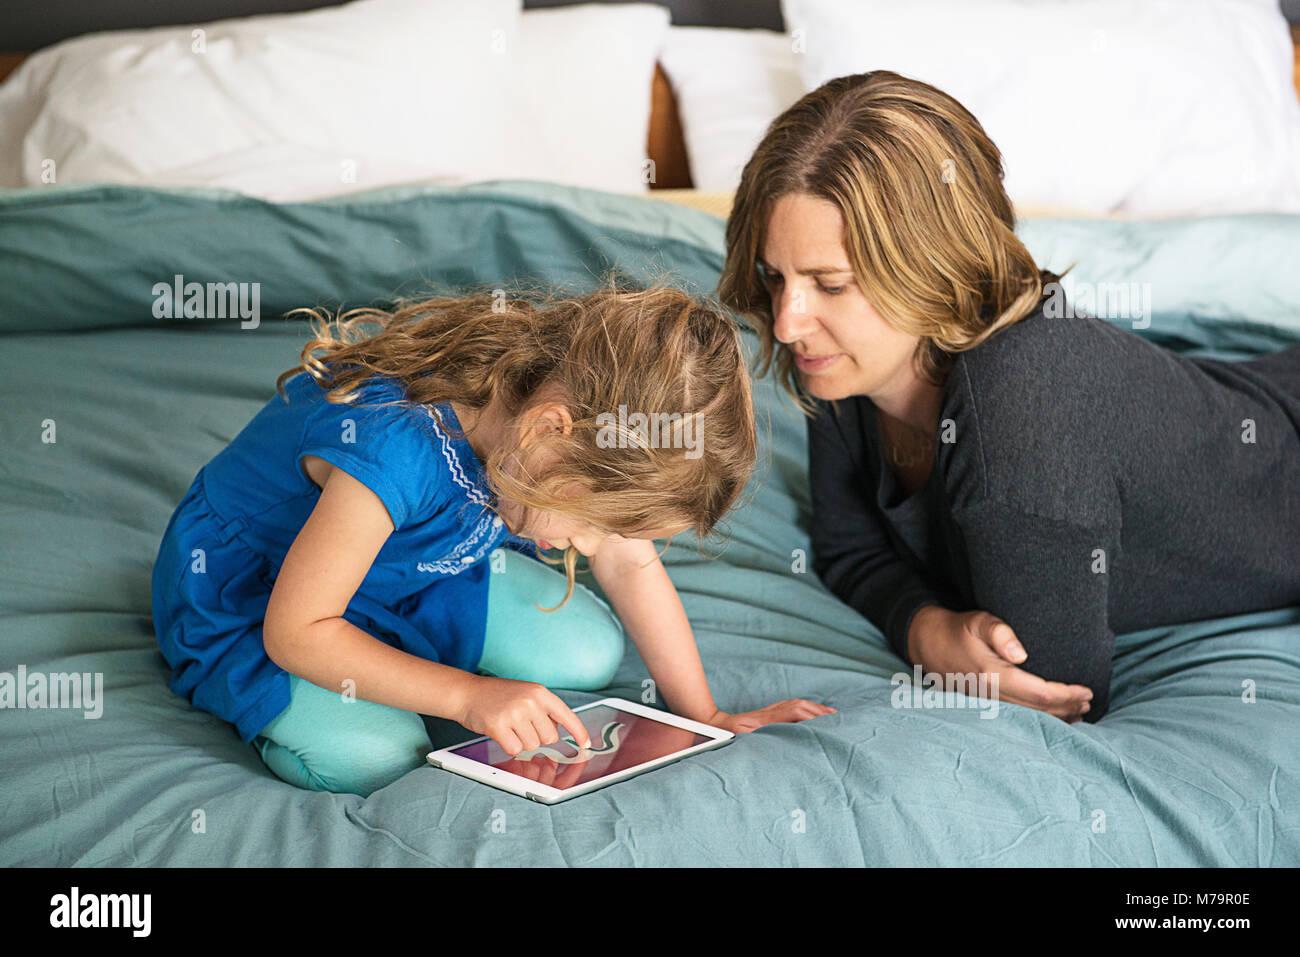 Une femme en regardant sa fille apprendre à écrire à l'aide d'un ipad mini. Banque D'Images